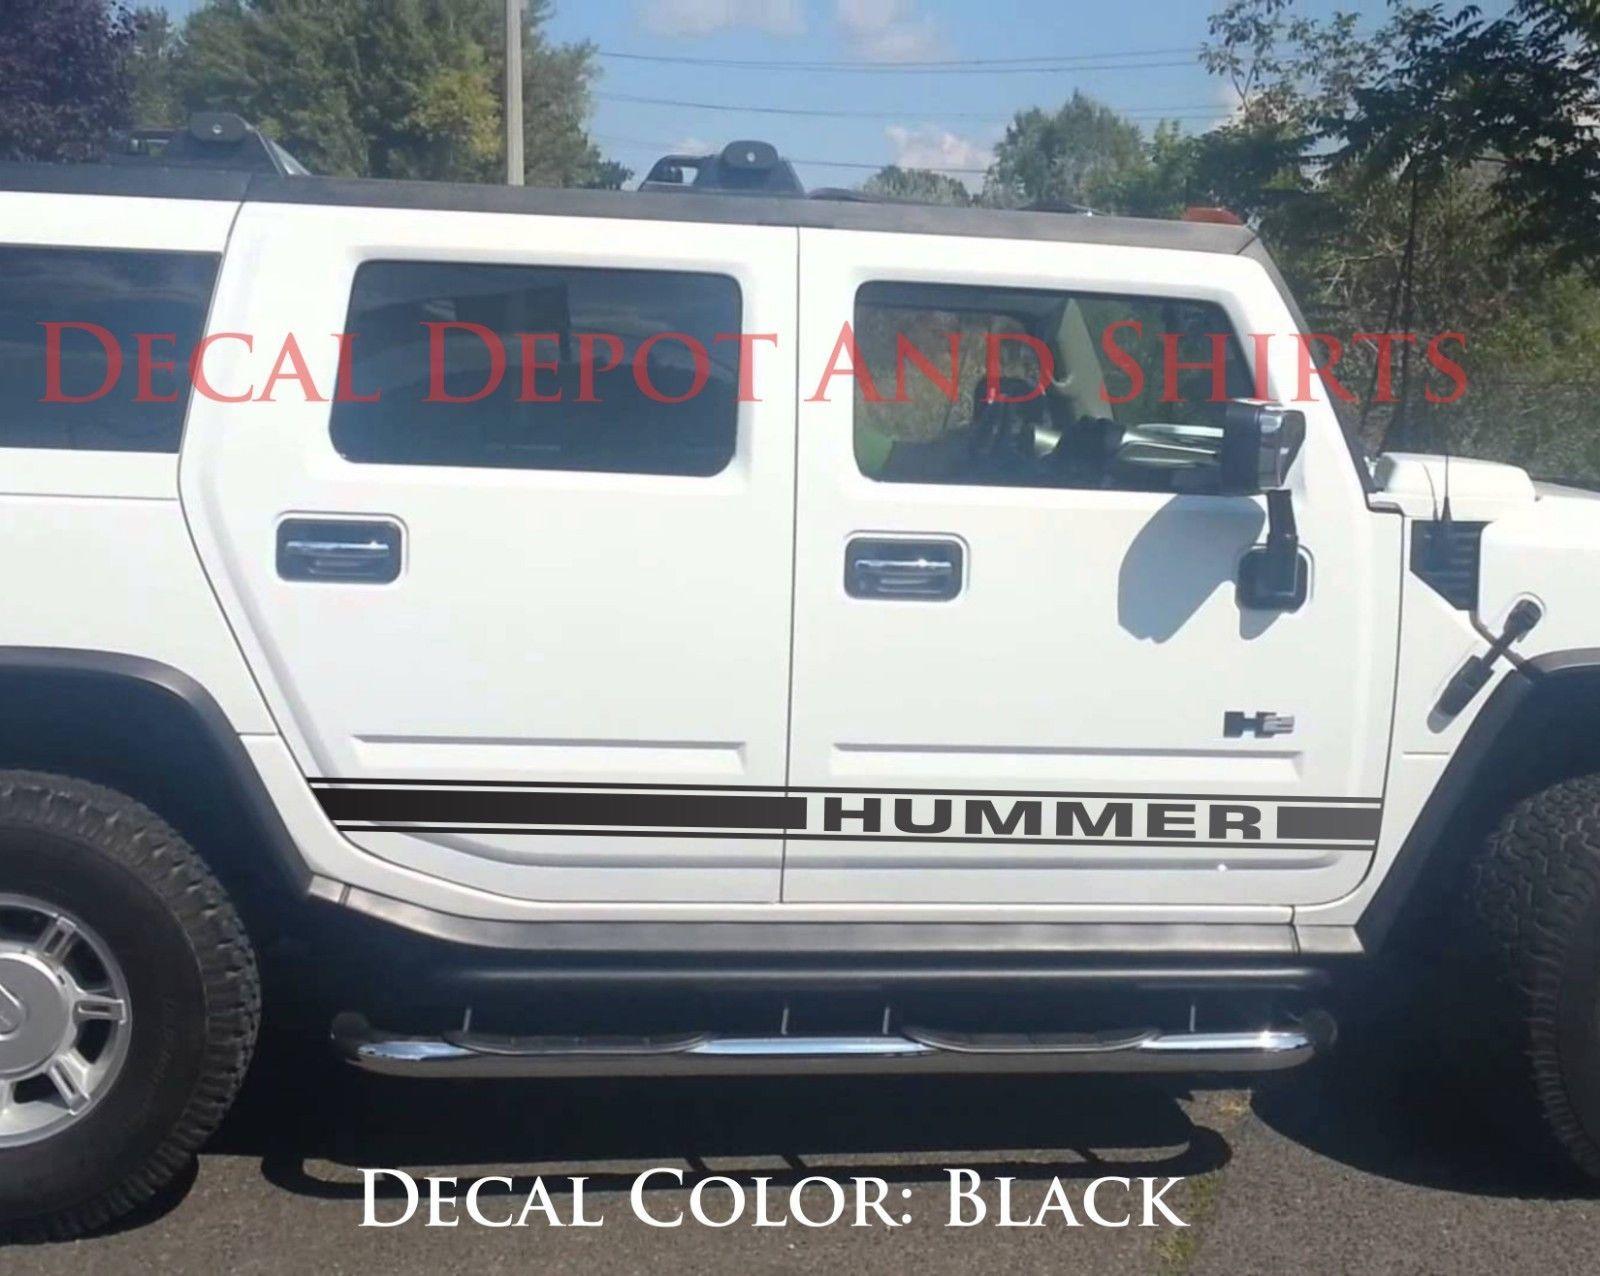 Hummer H3 Or H2 Rocker Side Stripes Vinyl Decals Set Stickers 2x For Both Sides Ebay